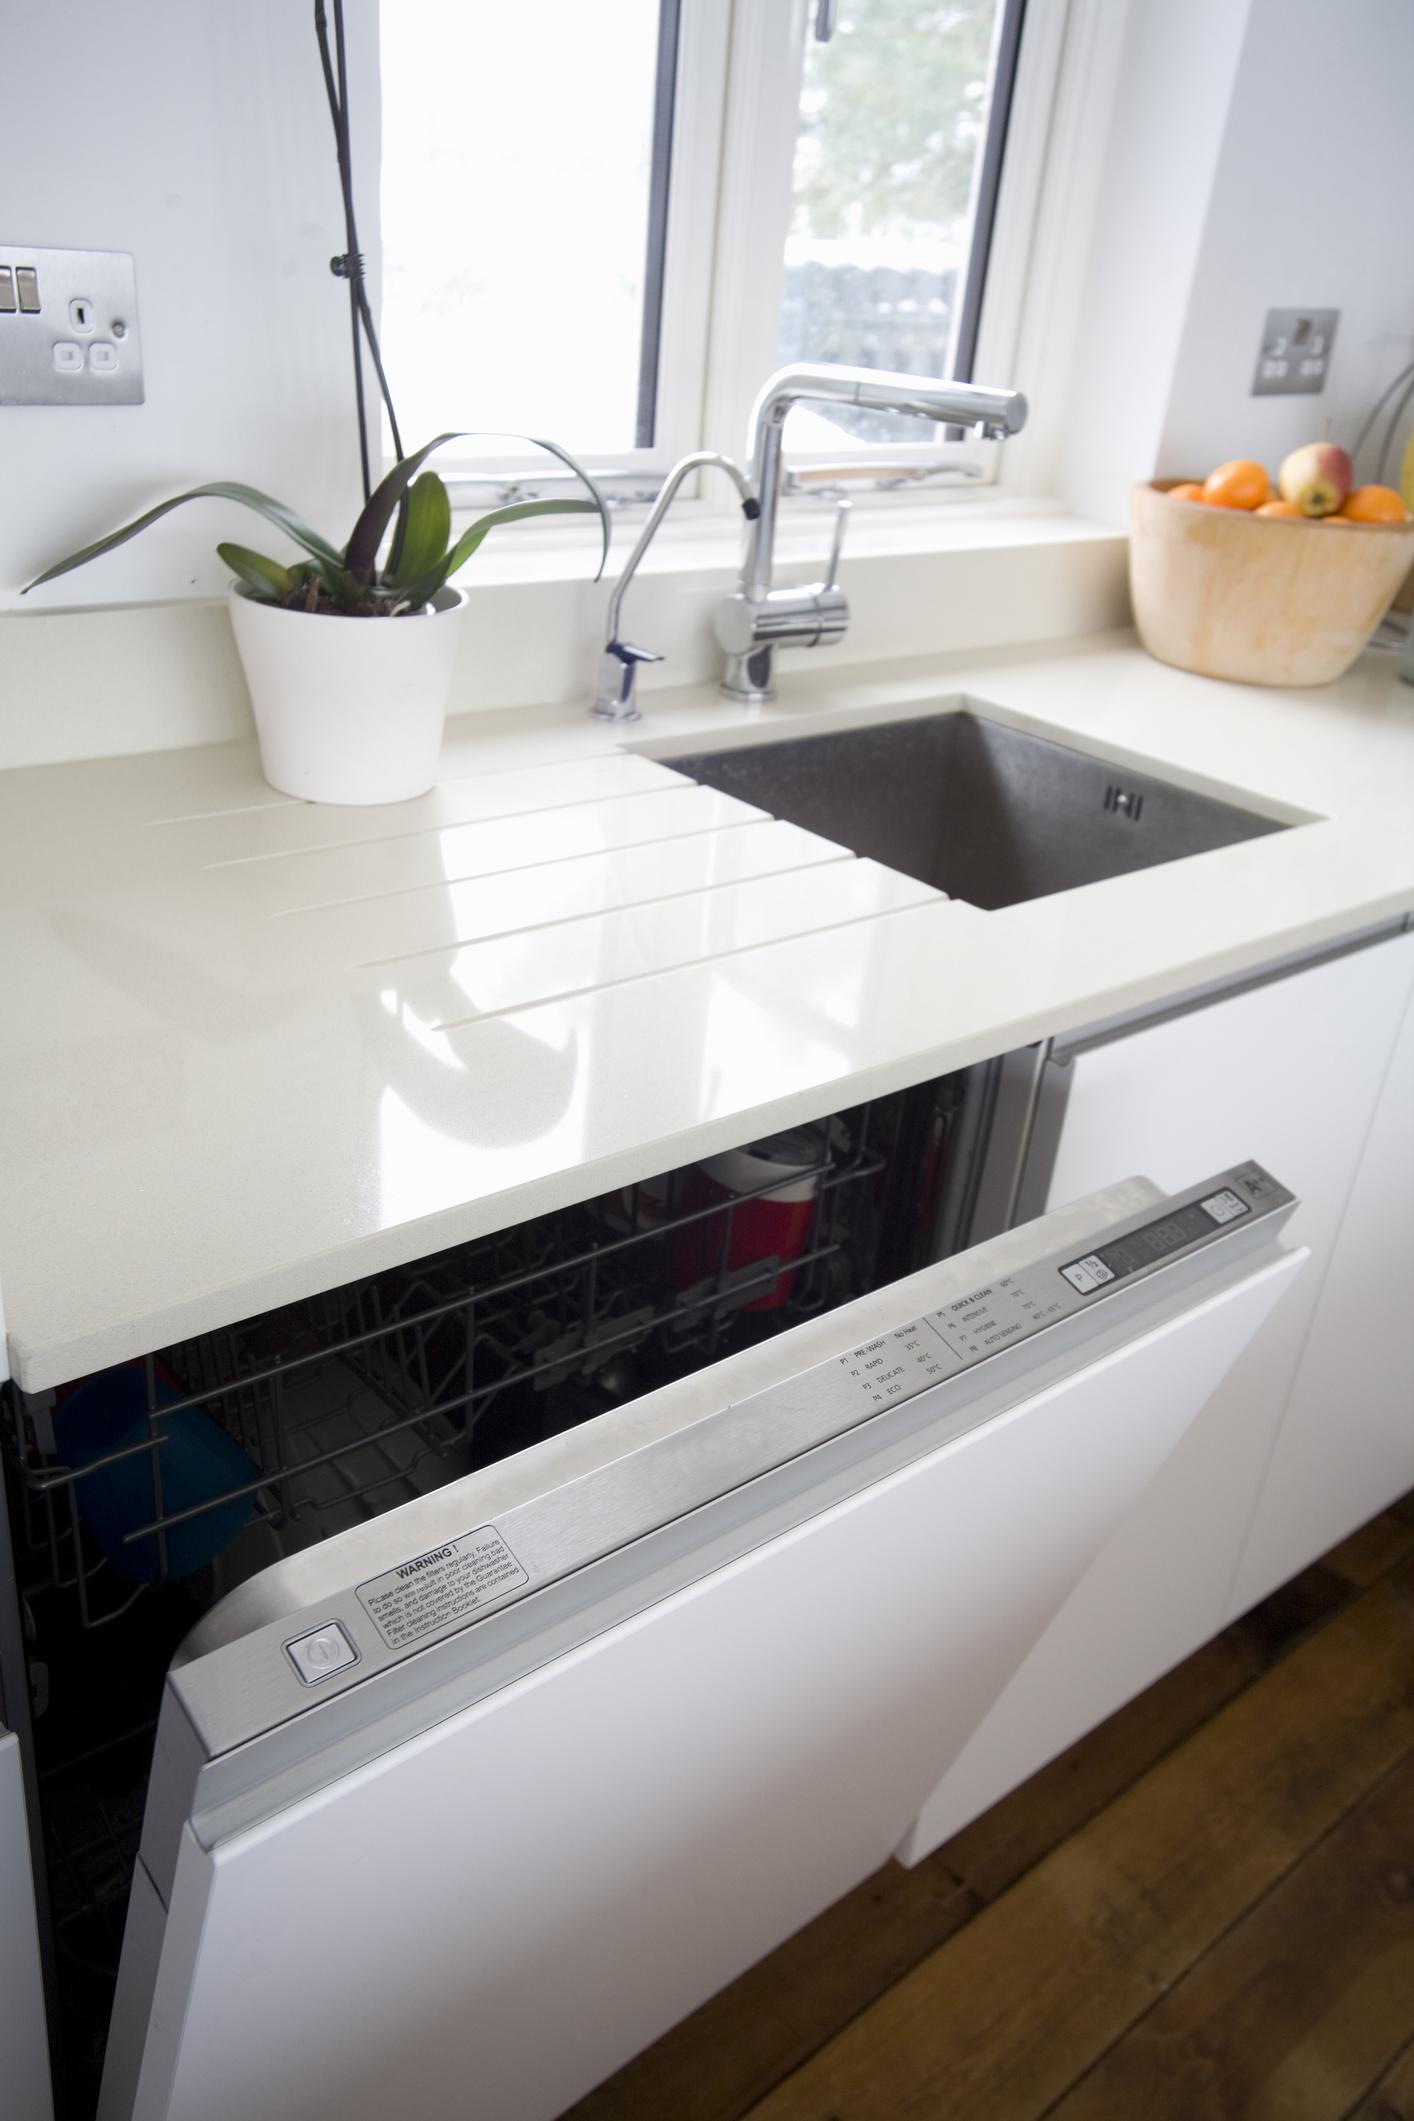 image Comment utiliser le lave-vaisselle pour qu'il consomme moins